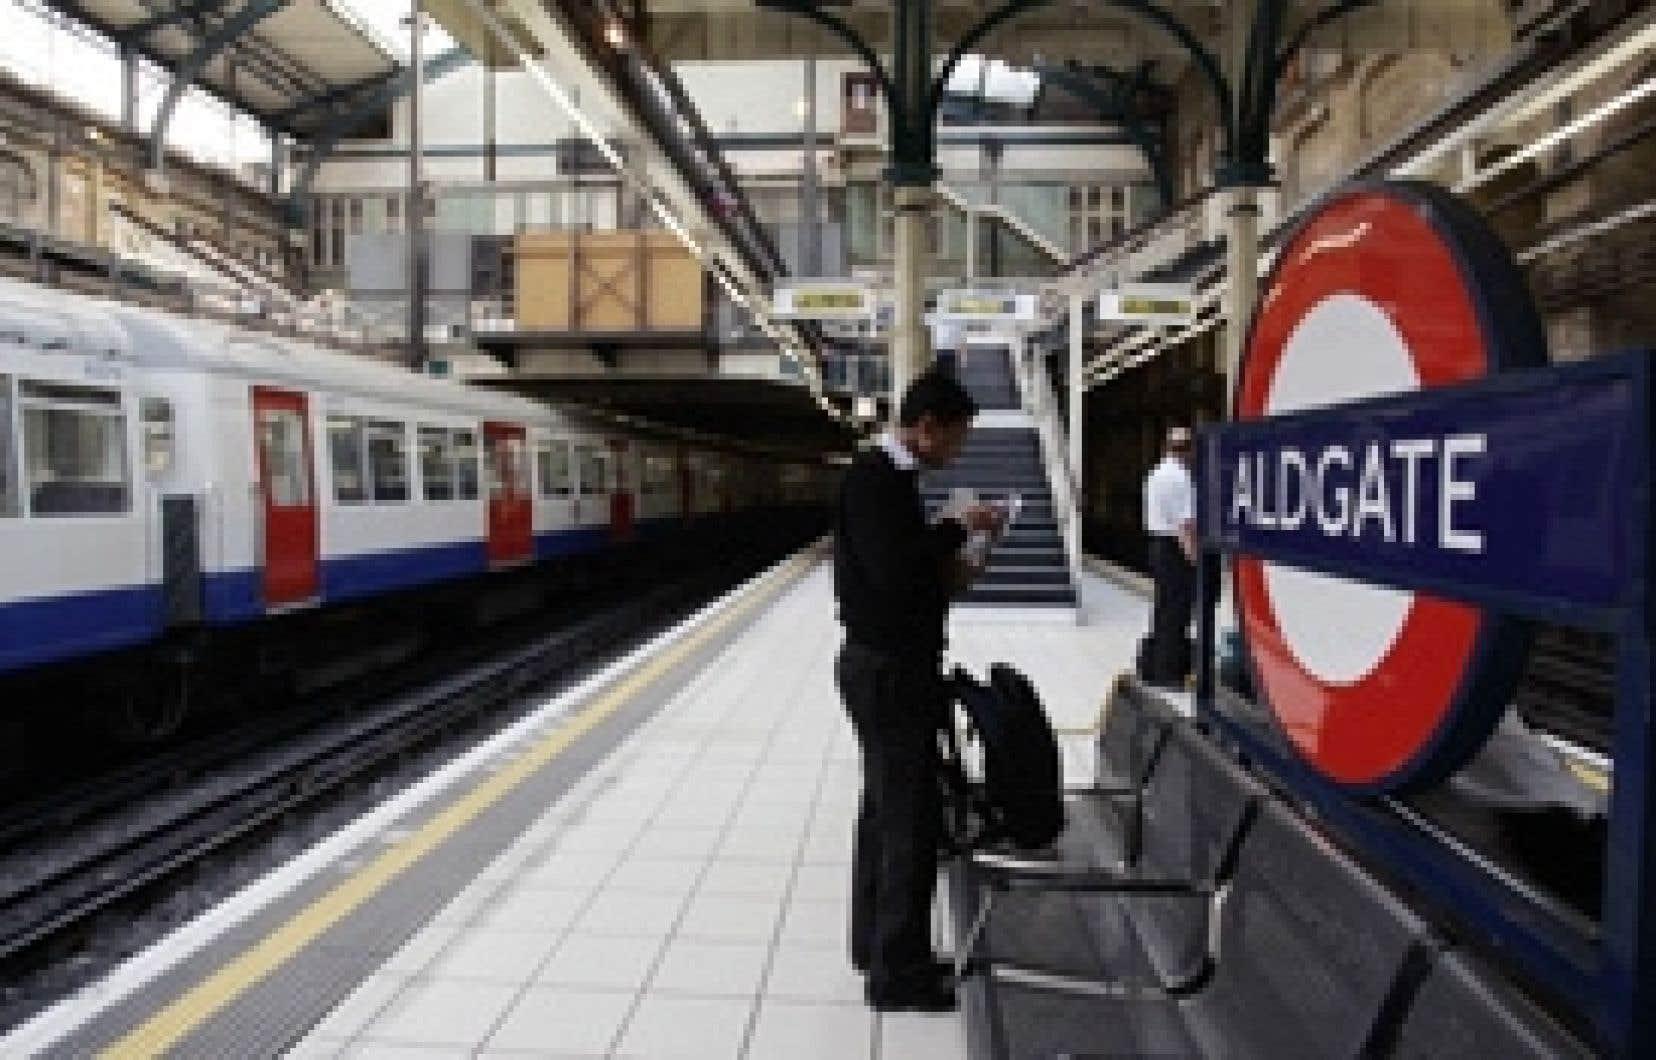 Un passager attend son train dans une station du métro de Londres. Metronet, le principal prestataire privé du métro de Londres, a essuyé un revers lundi en se voyant refuser par le régulateur de ces PPP la rallonge de 551 millions de livres (enviro